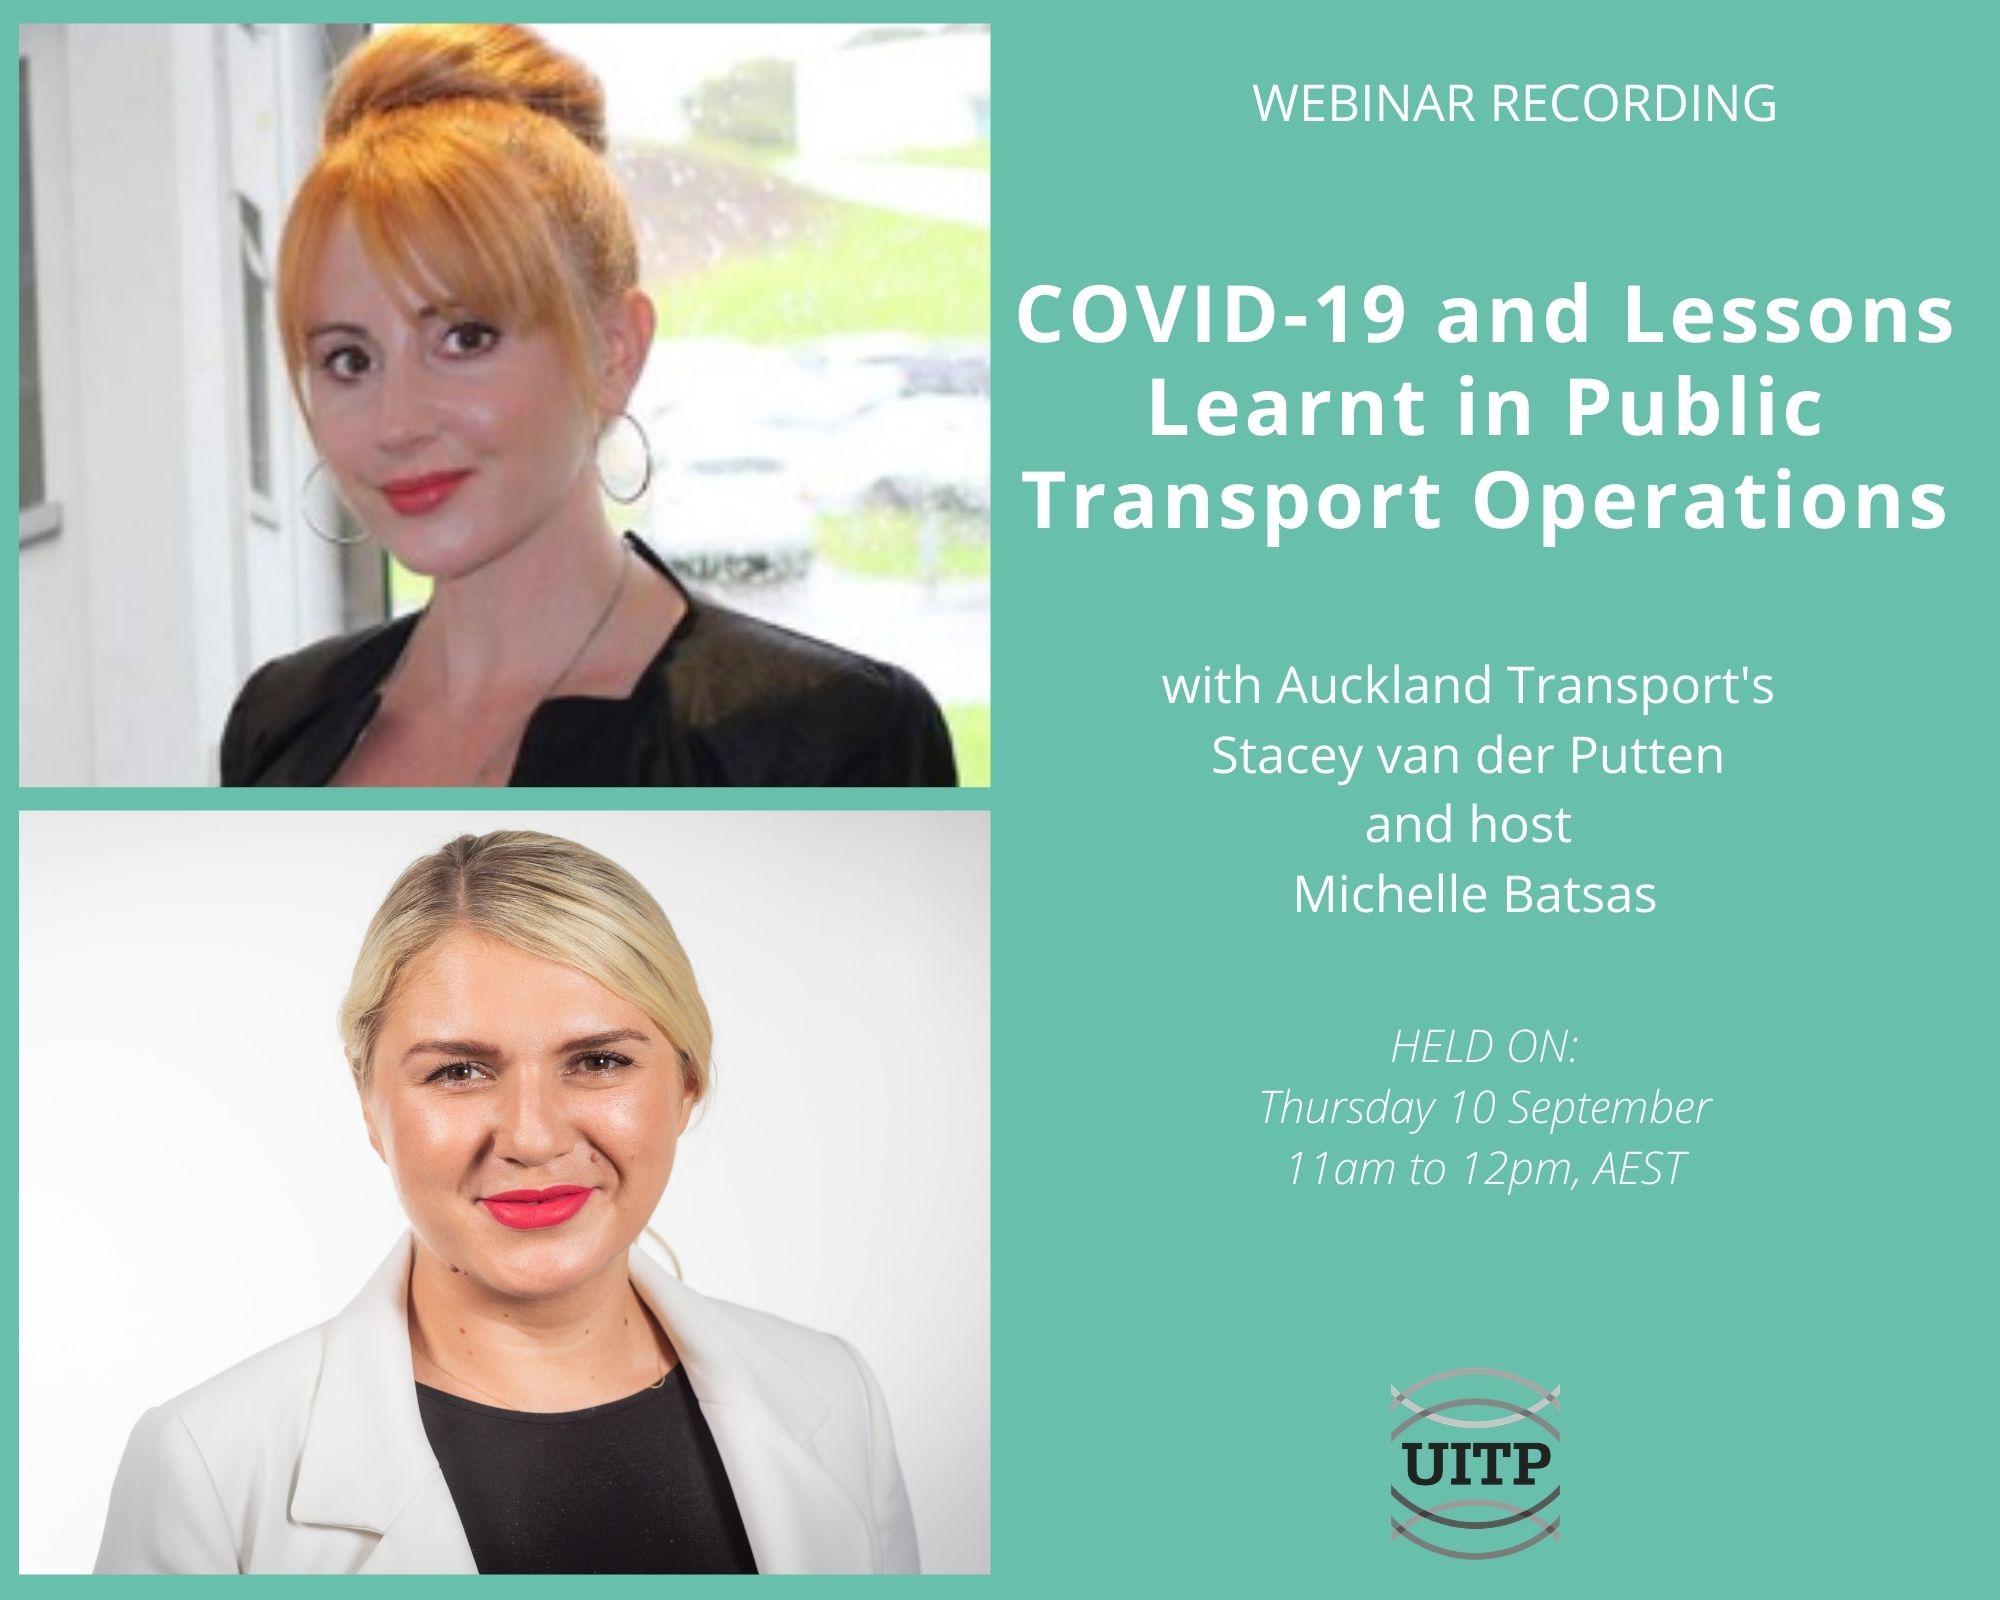 Left = Headshot of two female speakers; Right = webinar details